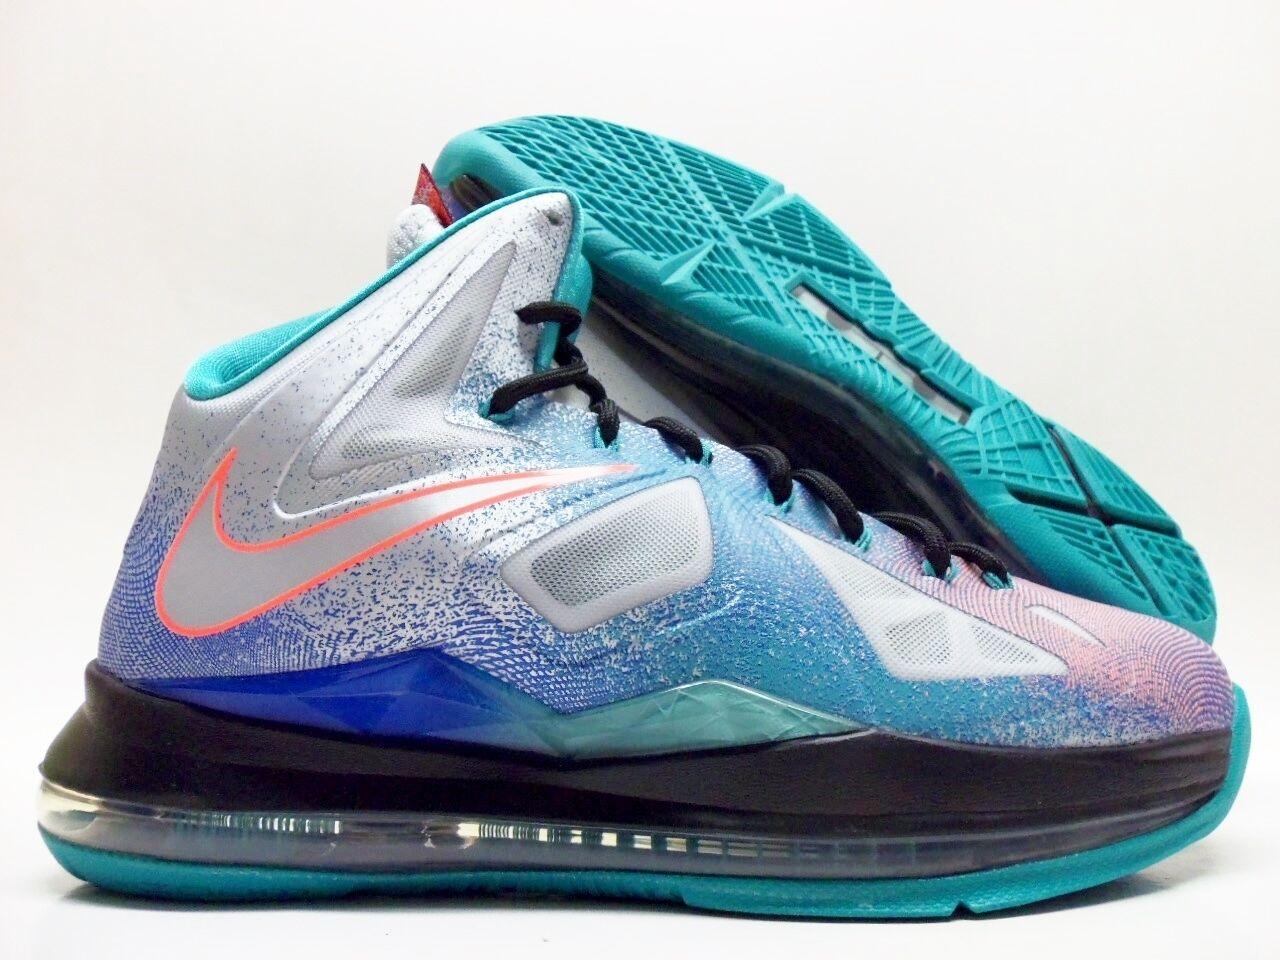 Nike lebron x il rientro di puro platino / nero-sport turq sz uomini 8 [541100-008]